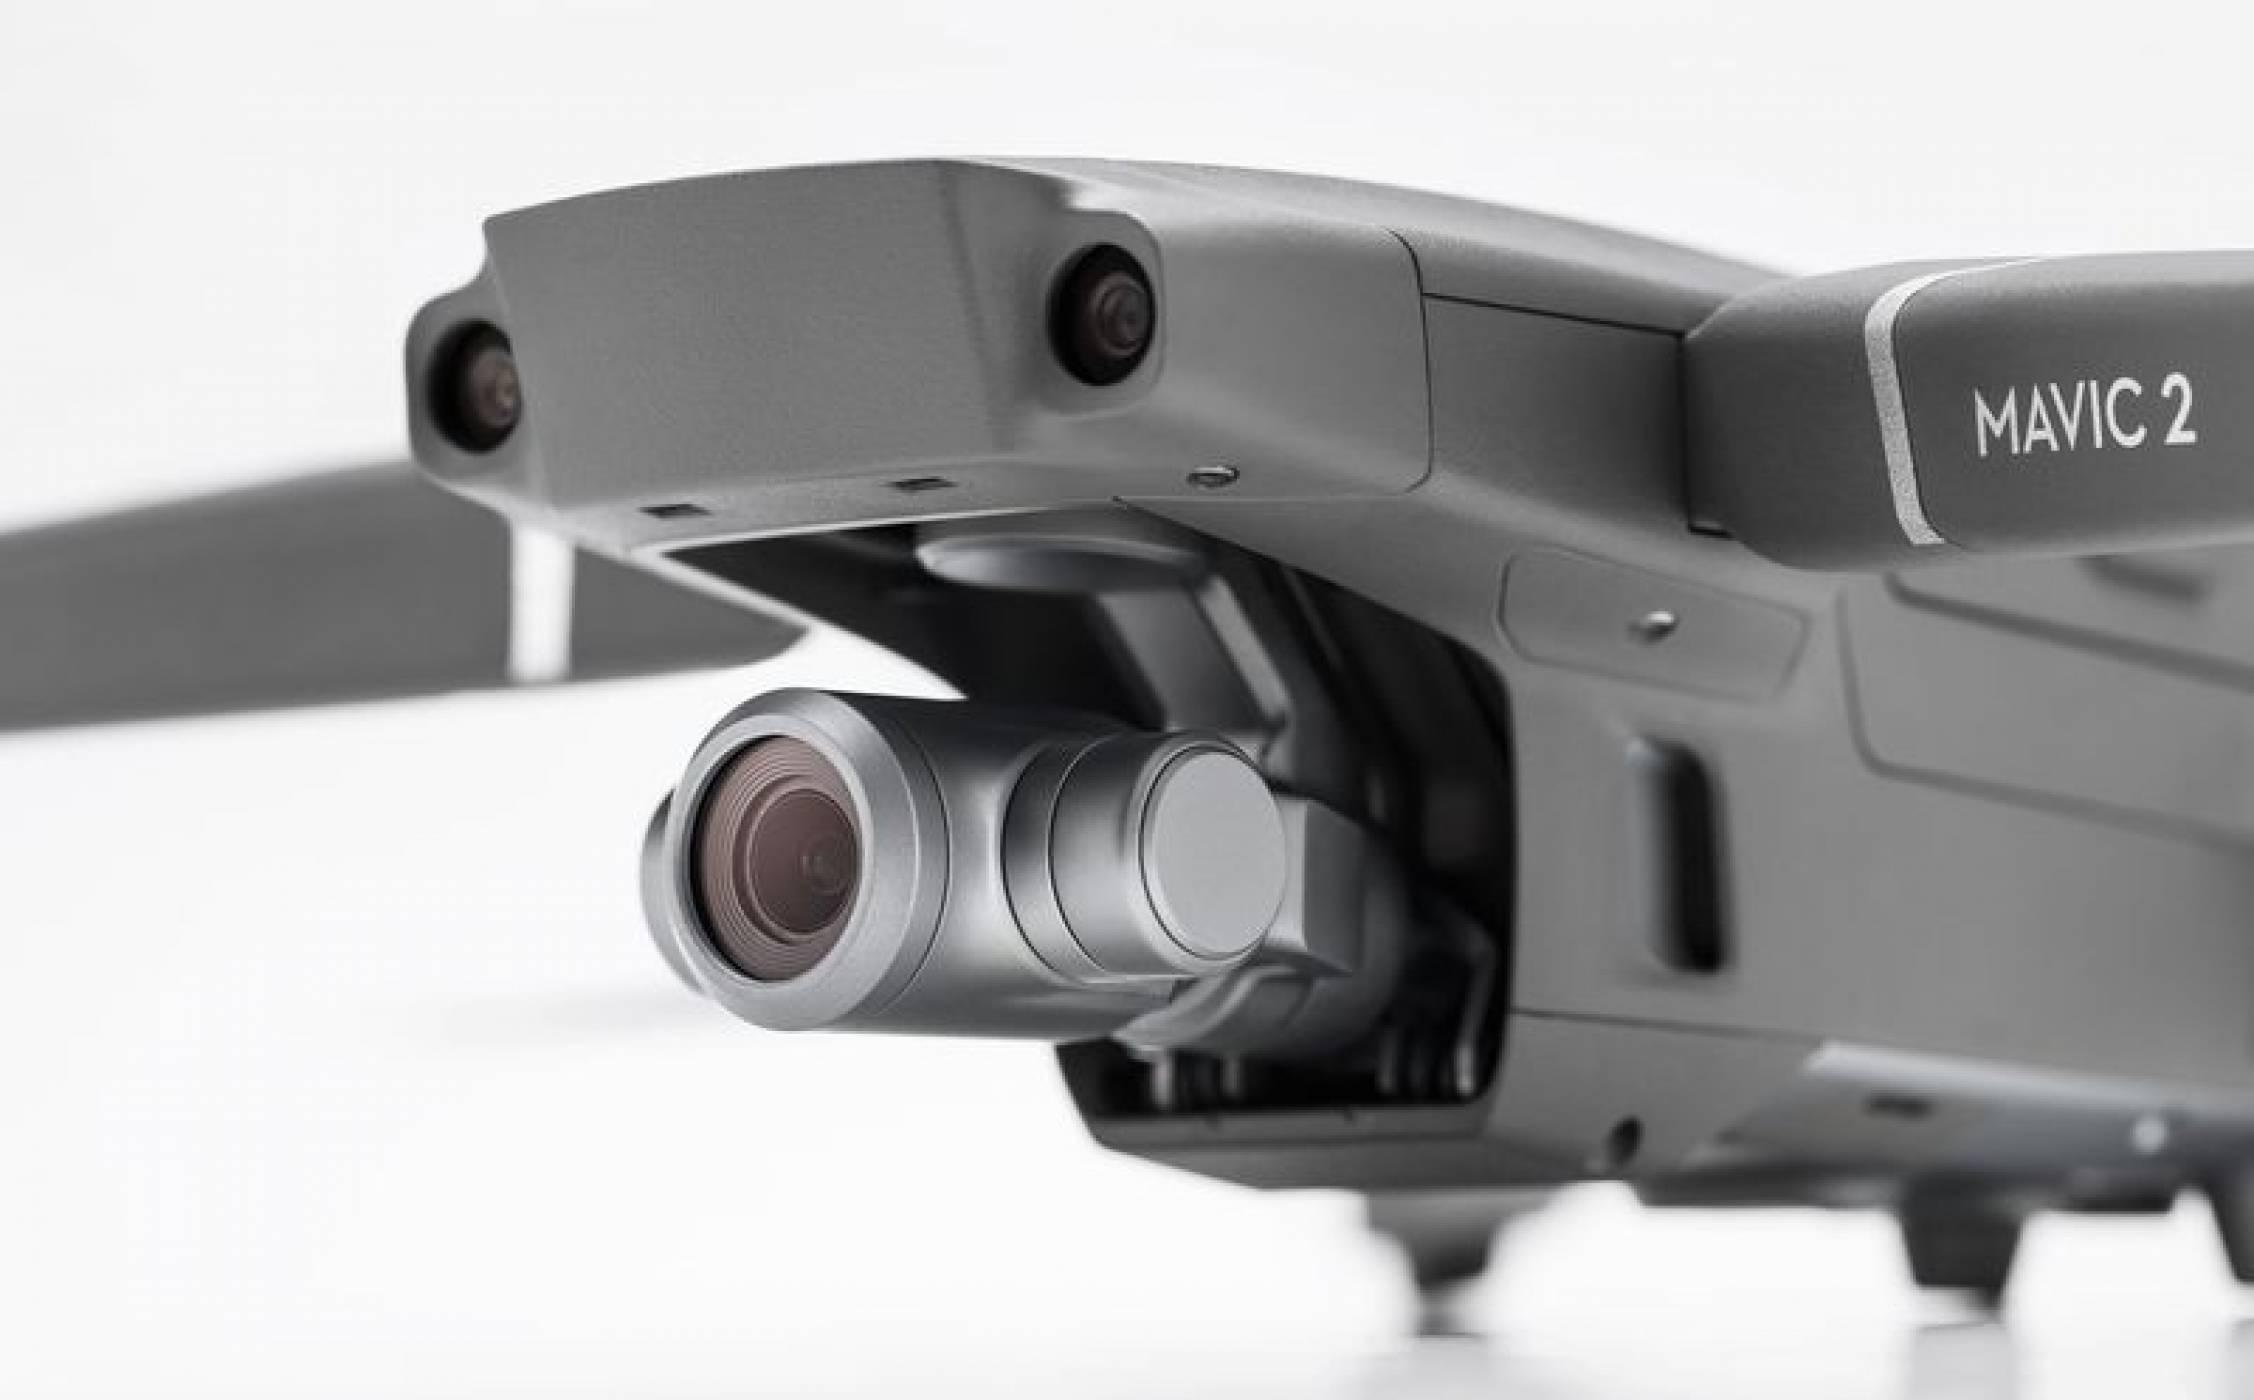 Новите дронове Mavic 2 на DJI имат подобрени камери и лещи